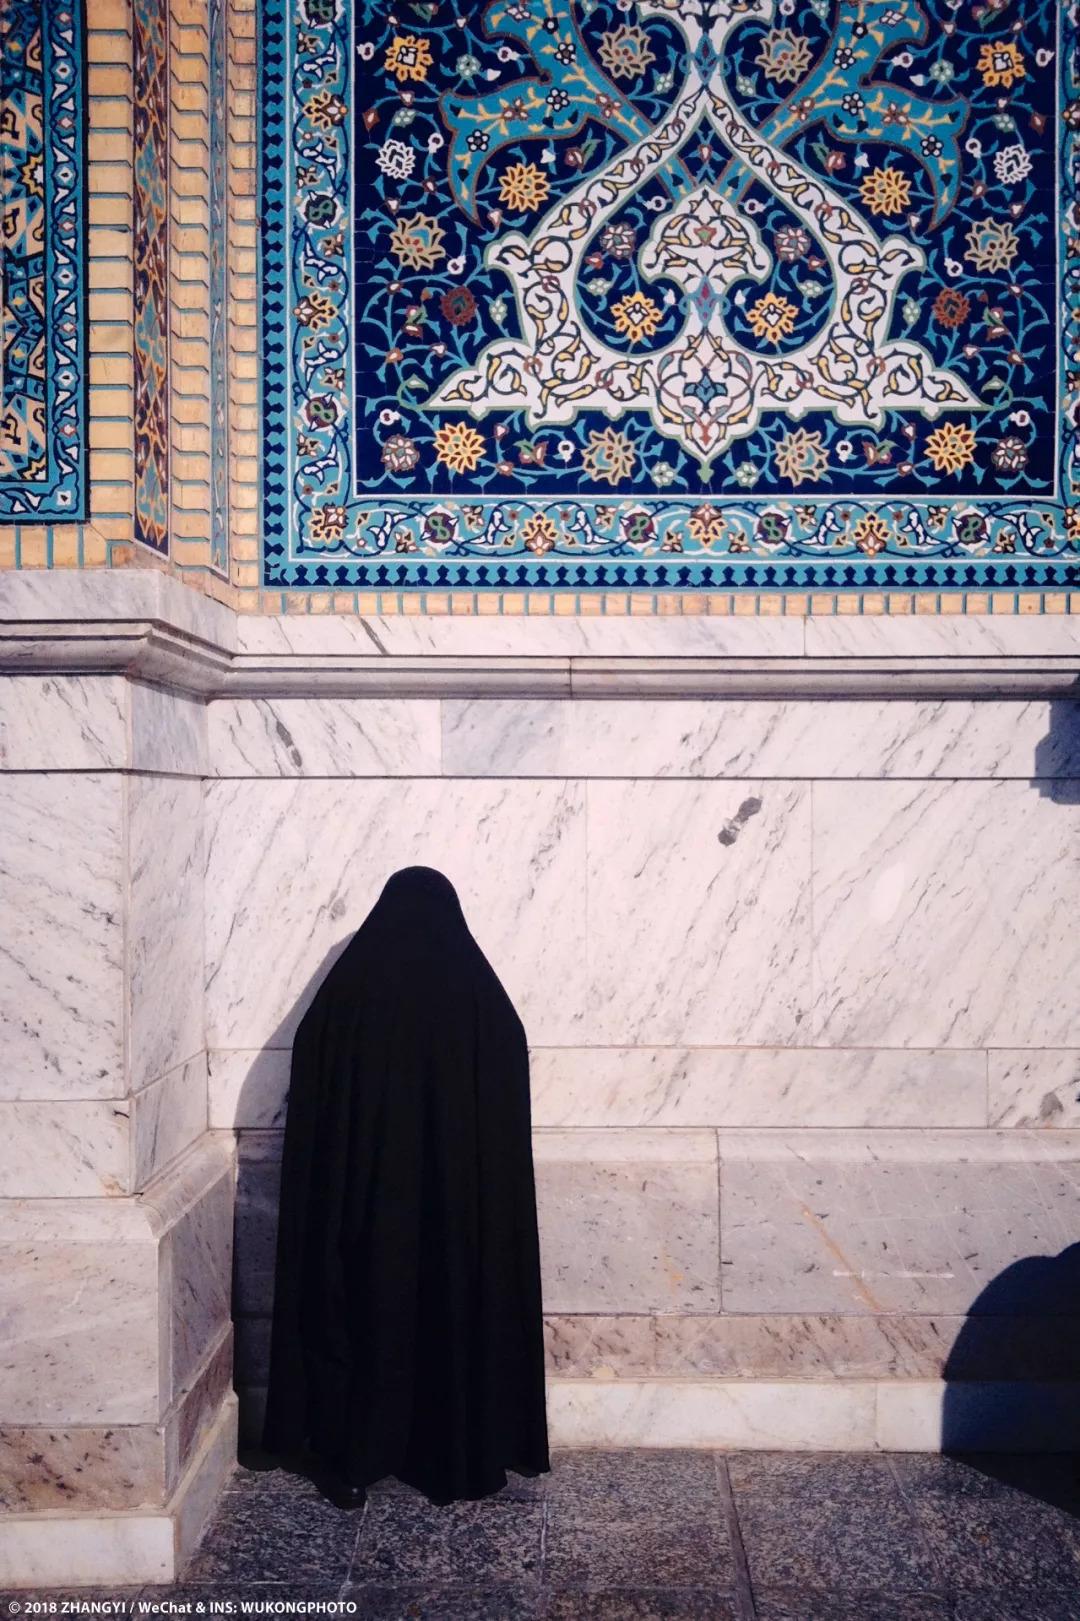 伊朗 | 在马什哈德的站台上